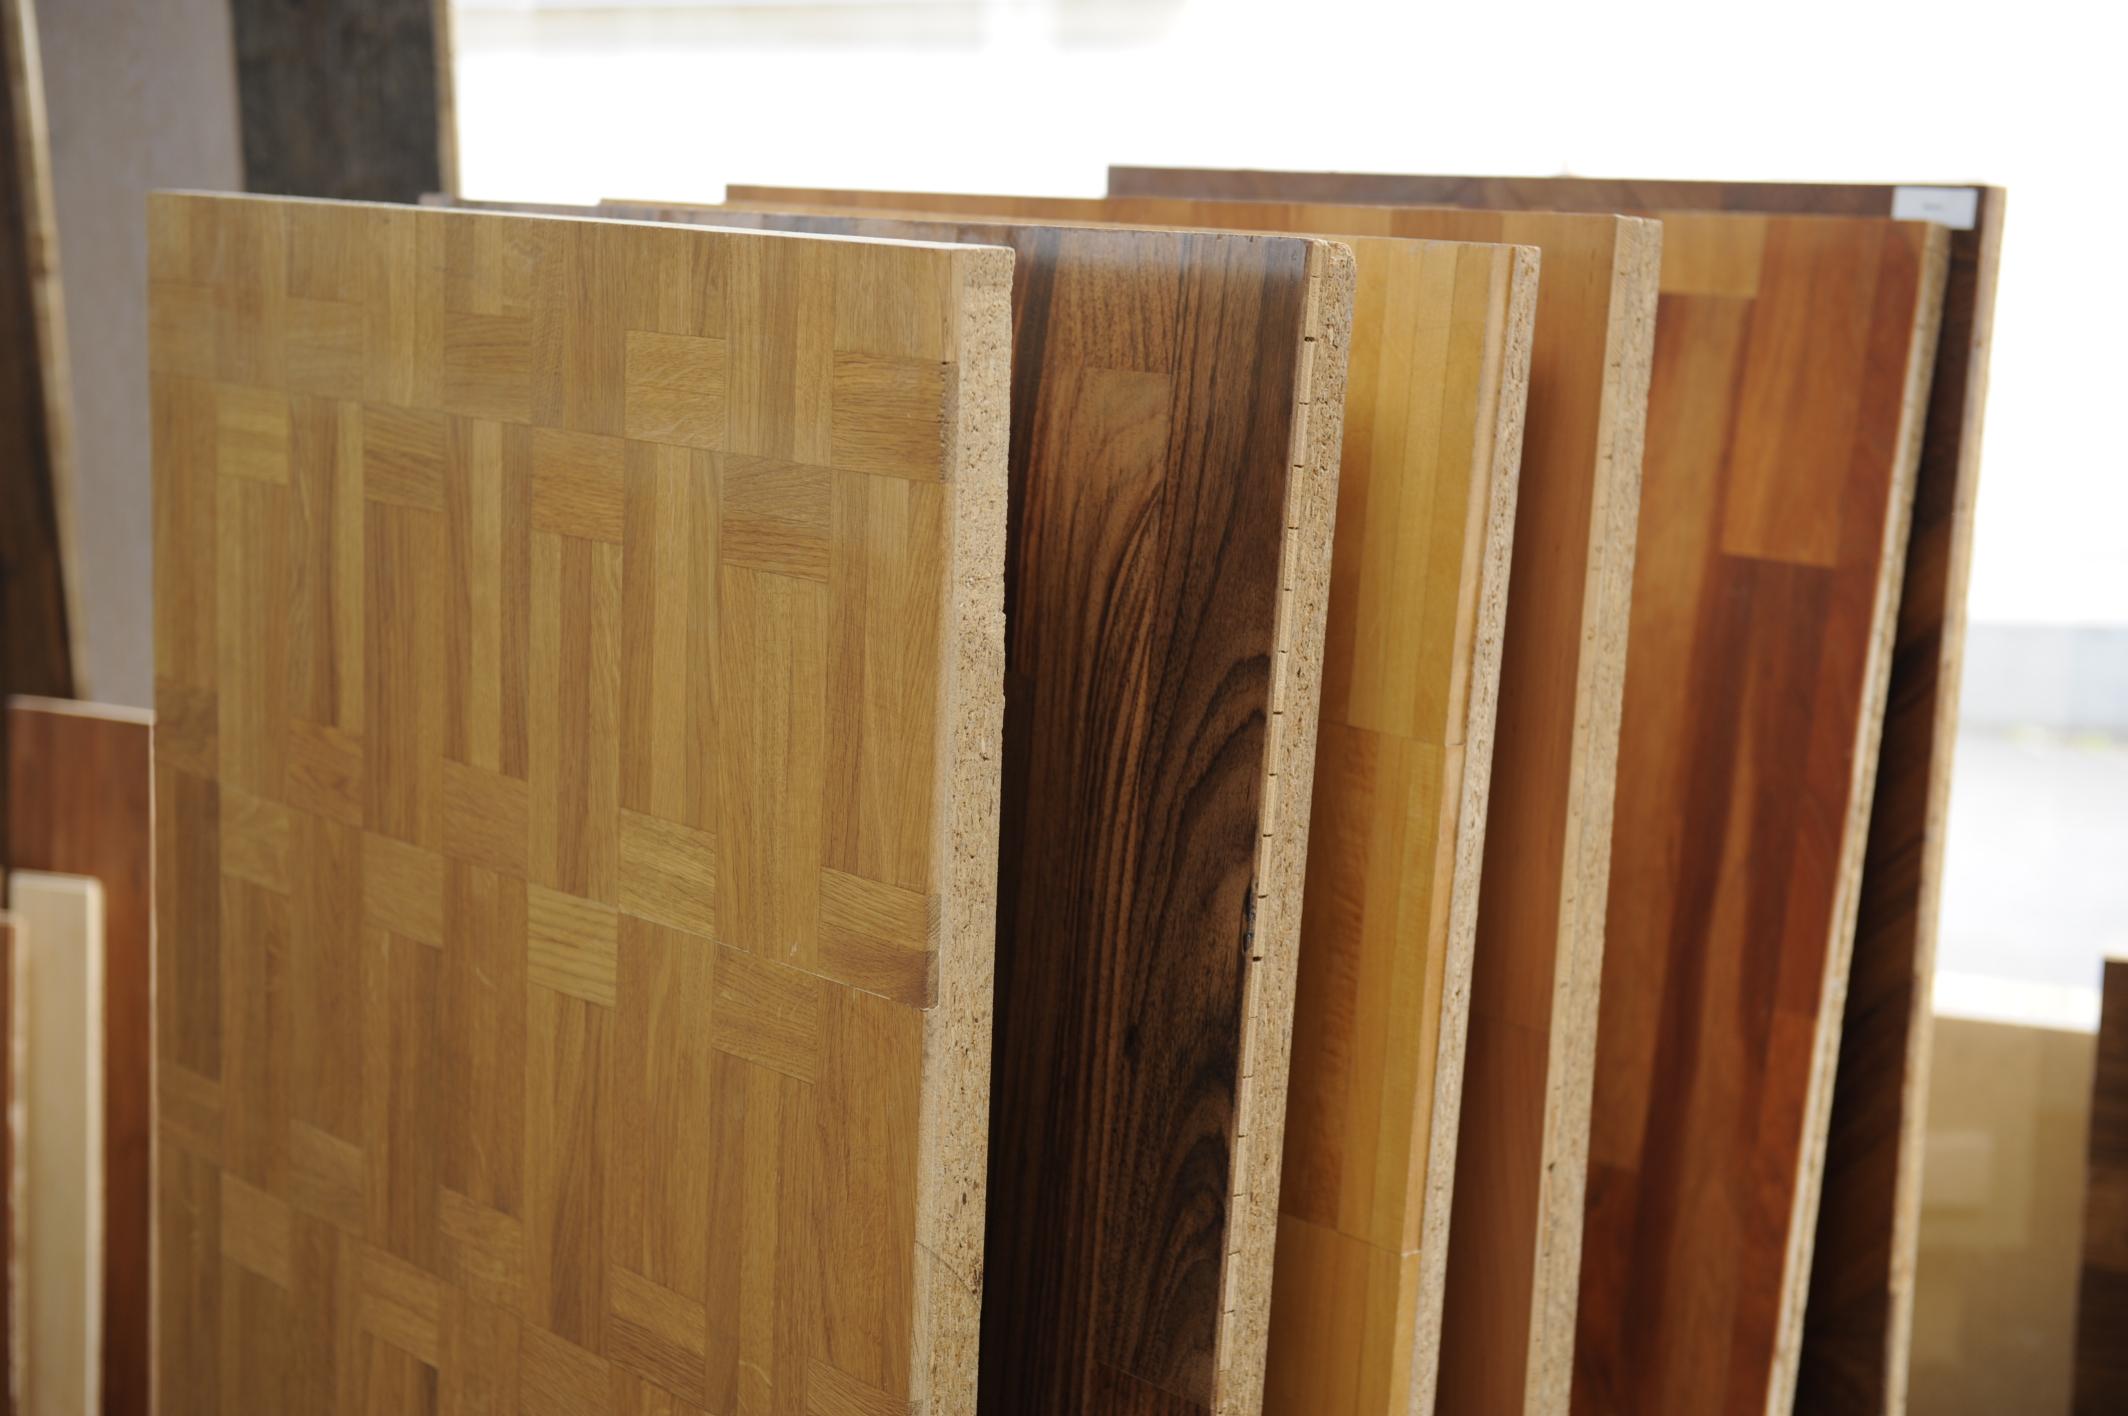 parkett stuttgart excellent dielen schleifen stuttgart. Black Bedroom Furniture Sets. Home Design Ideas